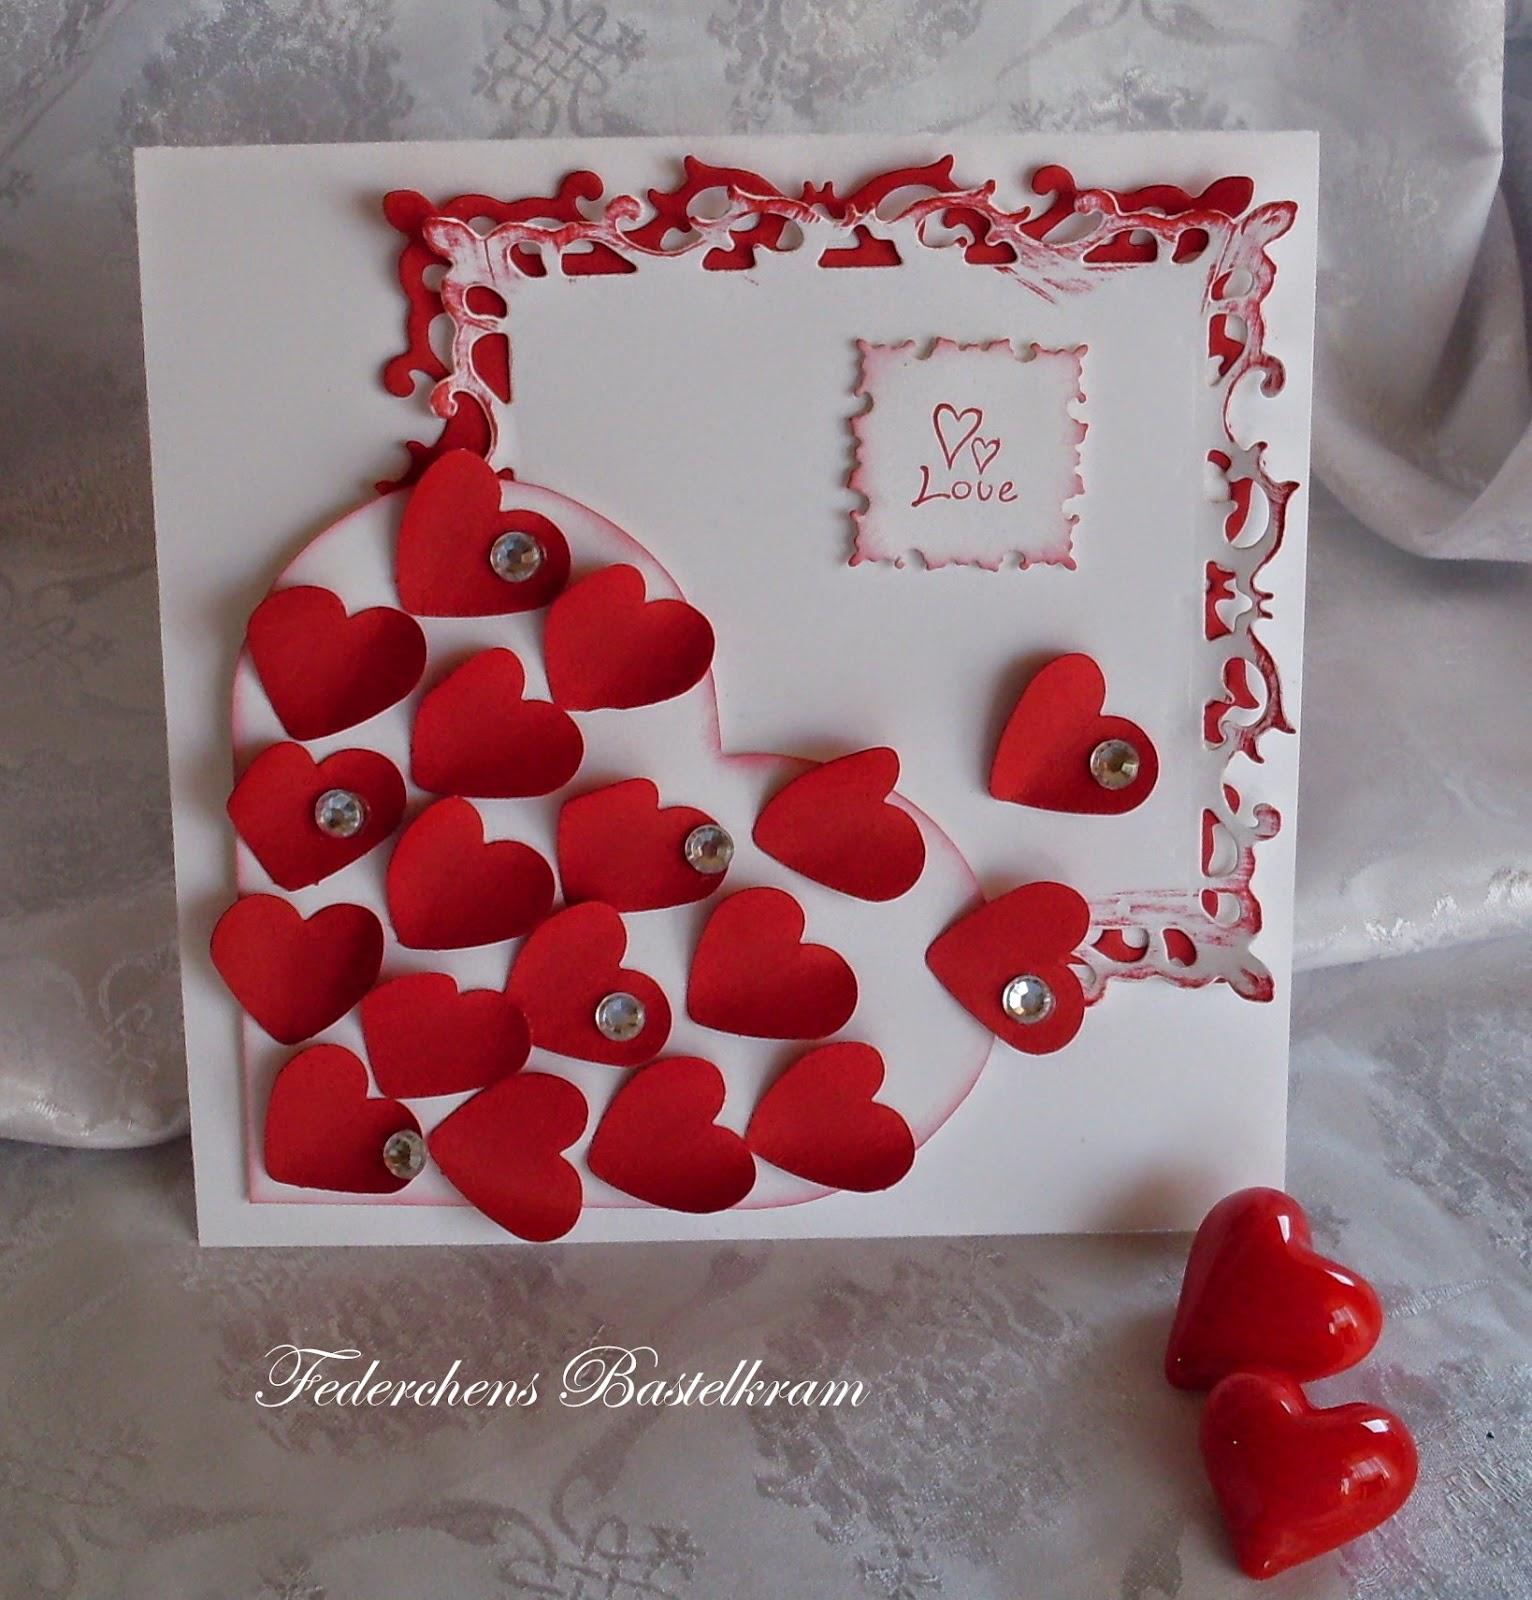 ... guter art und sitte zwei hochzeitskarten in rot und weiß schaut mal